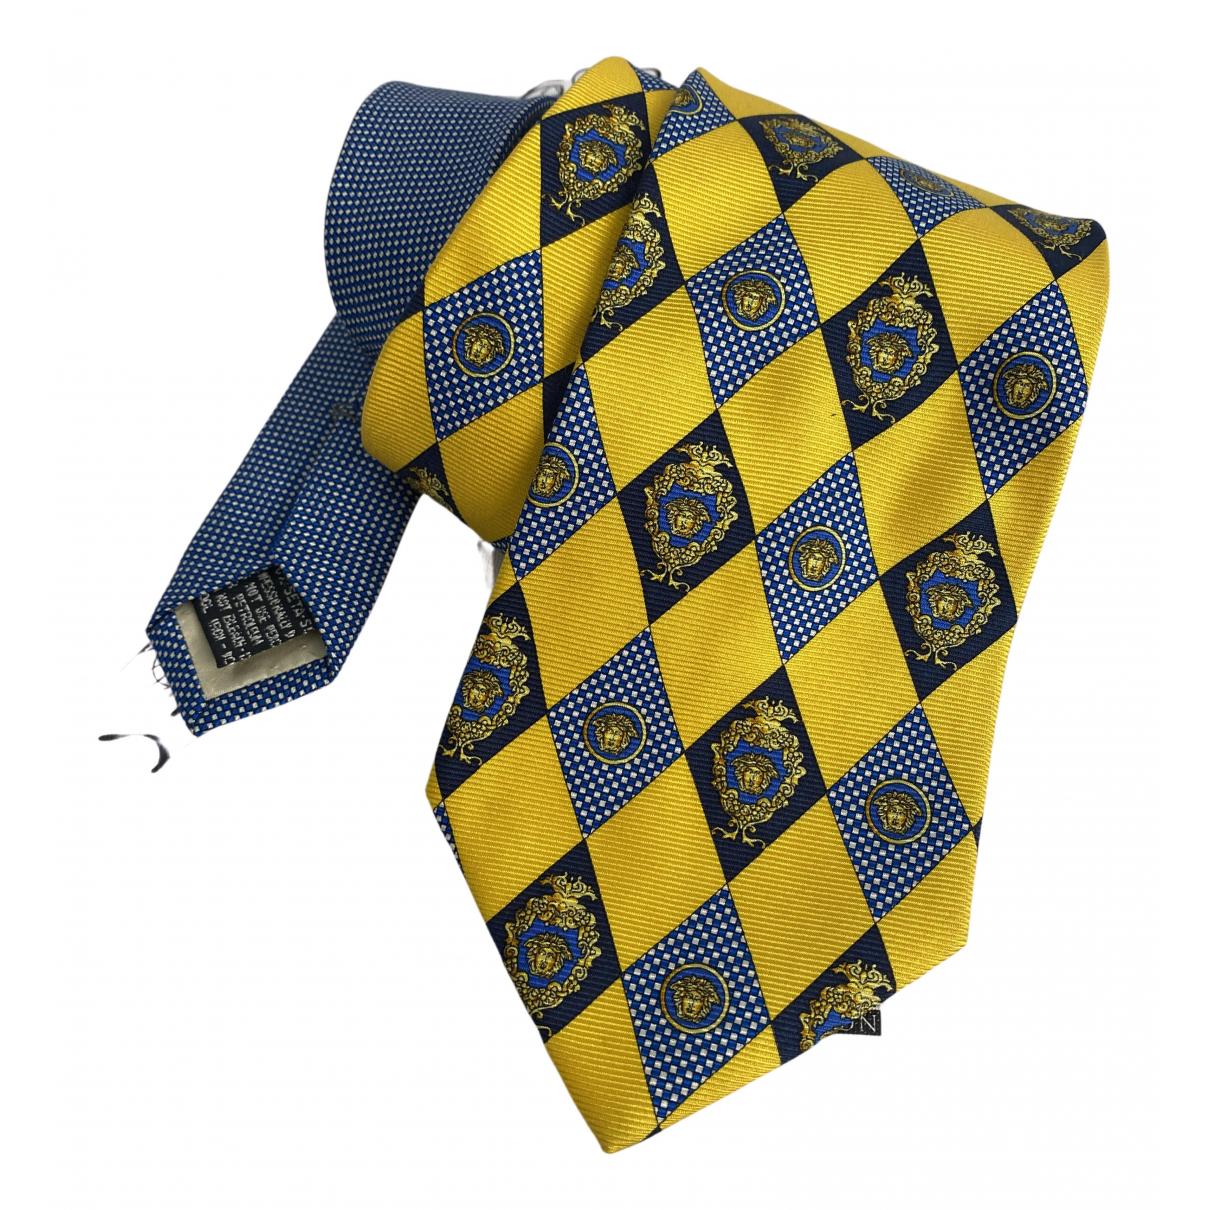 Gianni Versace - Cravates   pour homme en soie - jaune